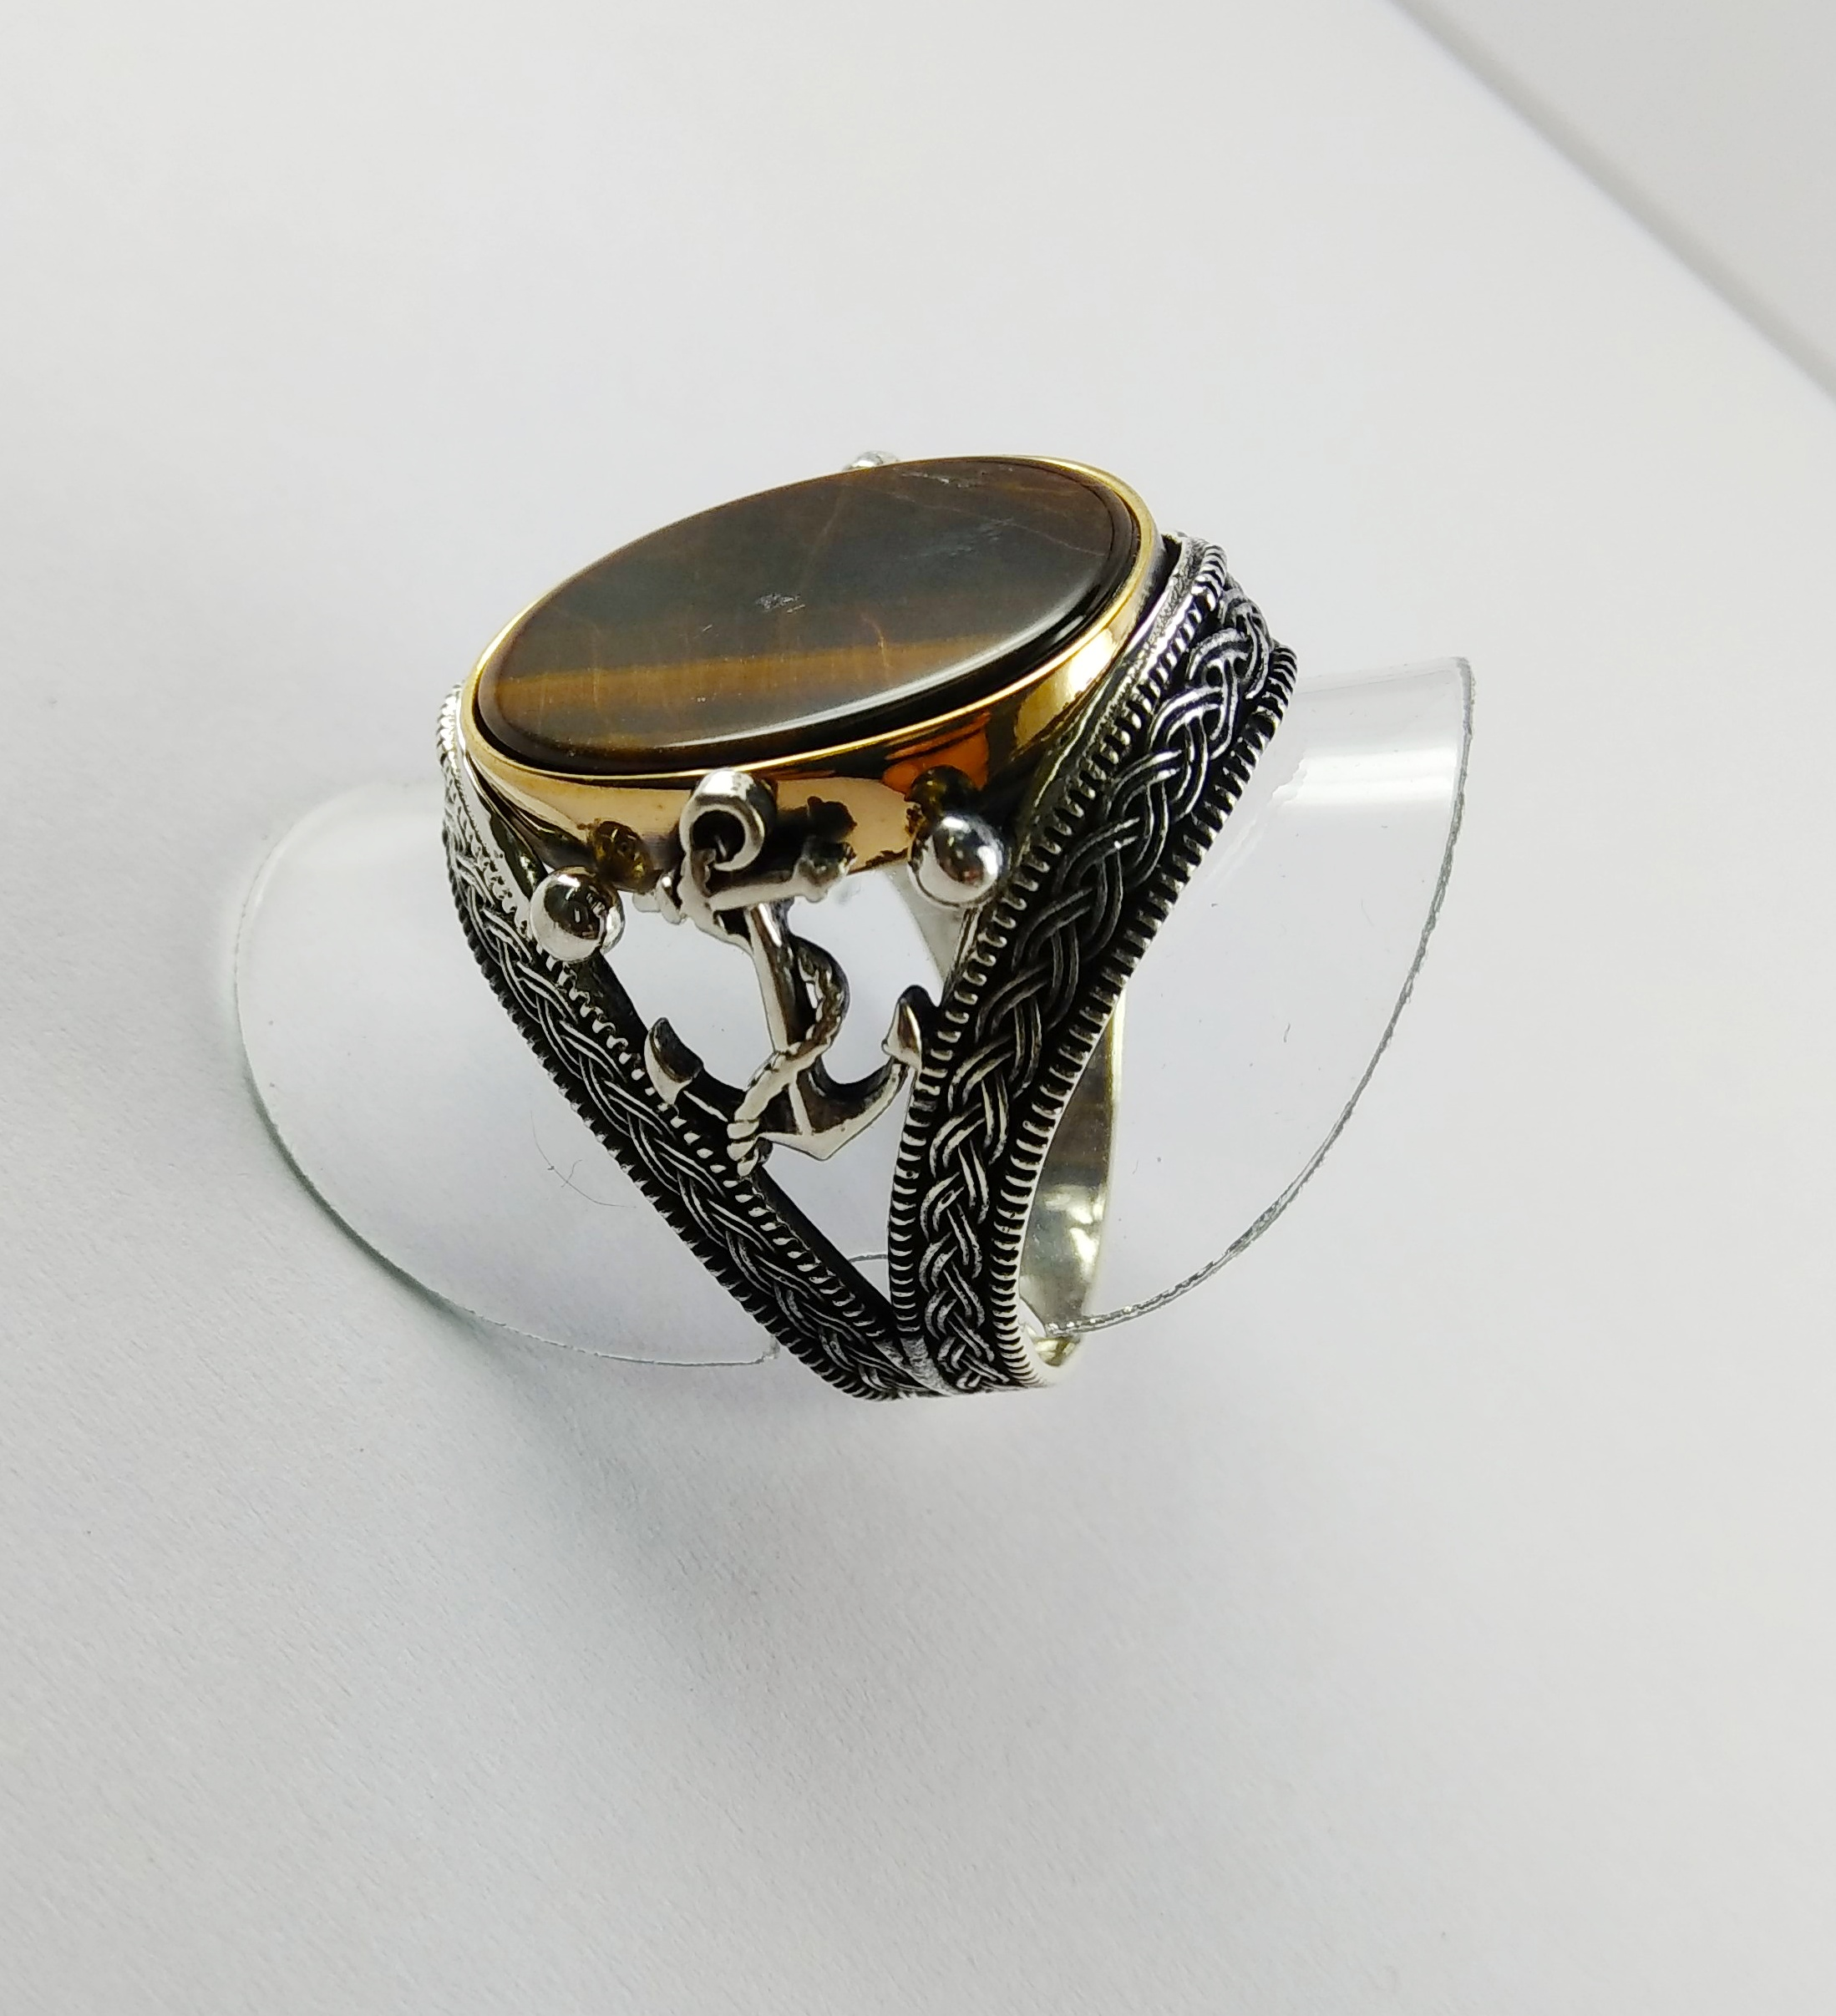 Turkish men's ring